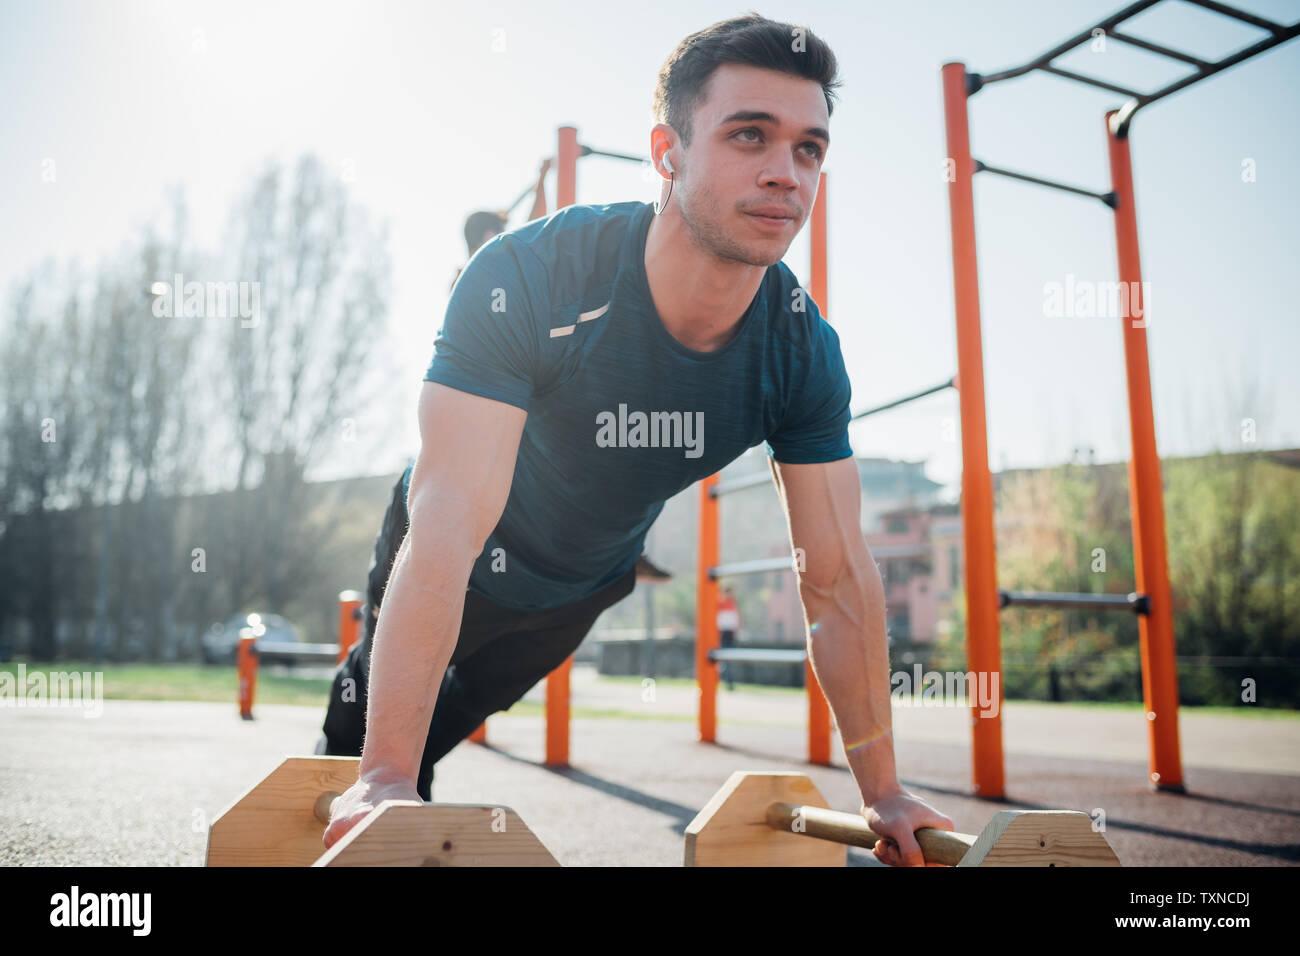 La gymnastique au sport en plein air, jeune homme faire poussez se lève sur l'équipement d'exercice Banque D'Images